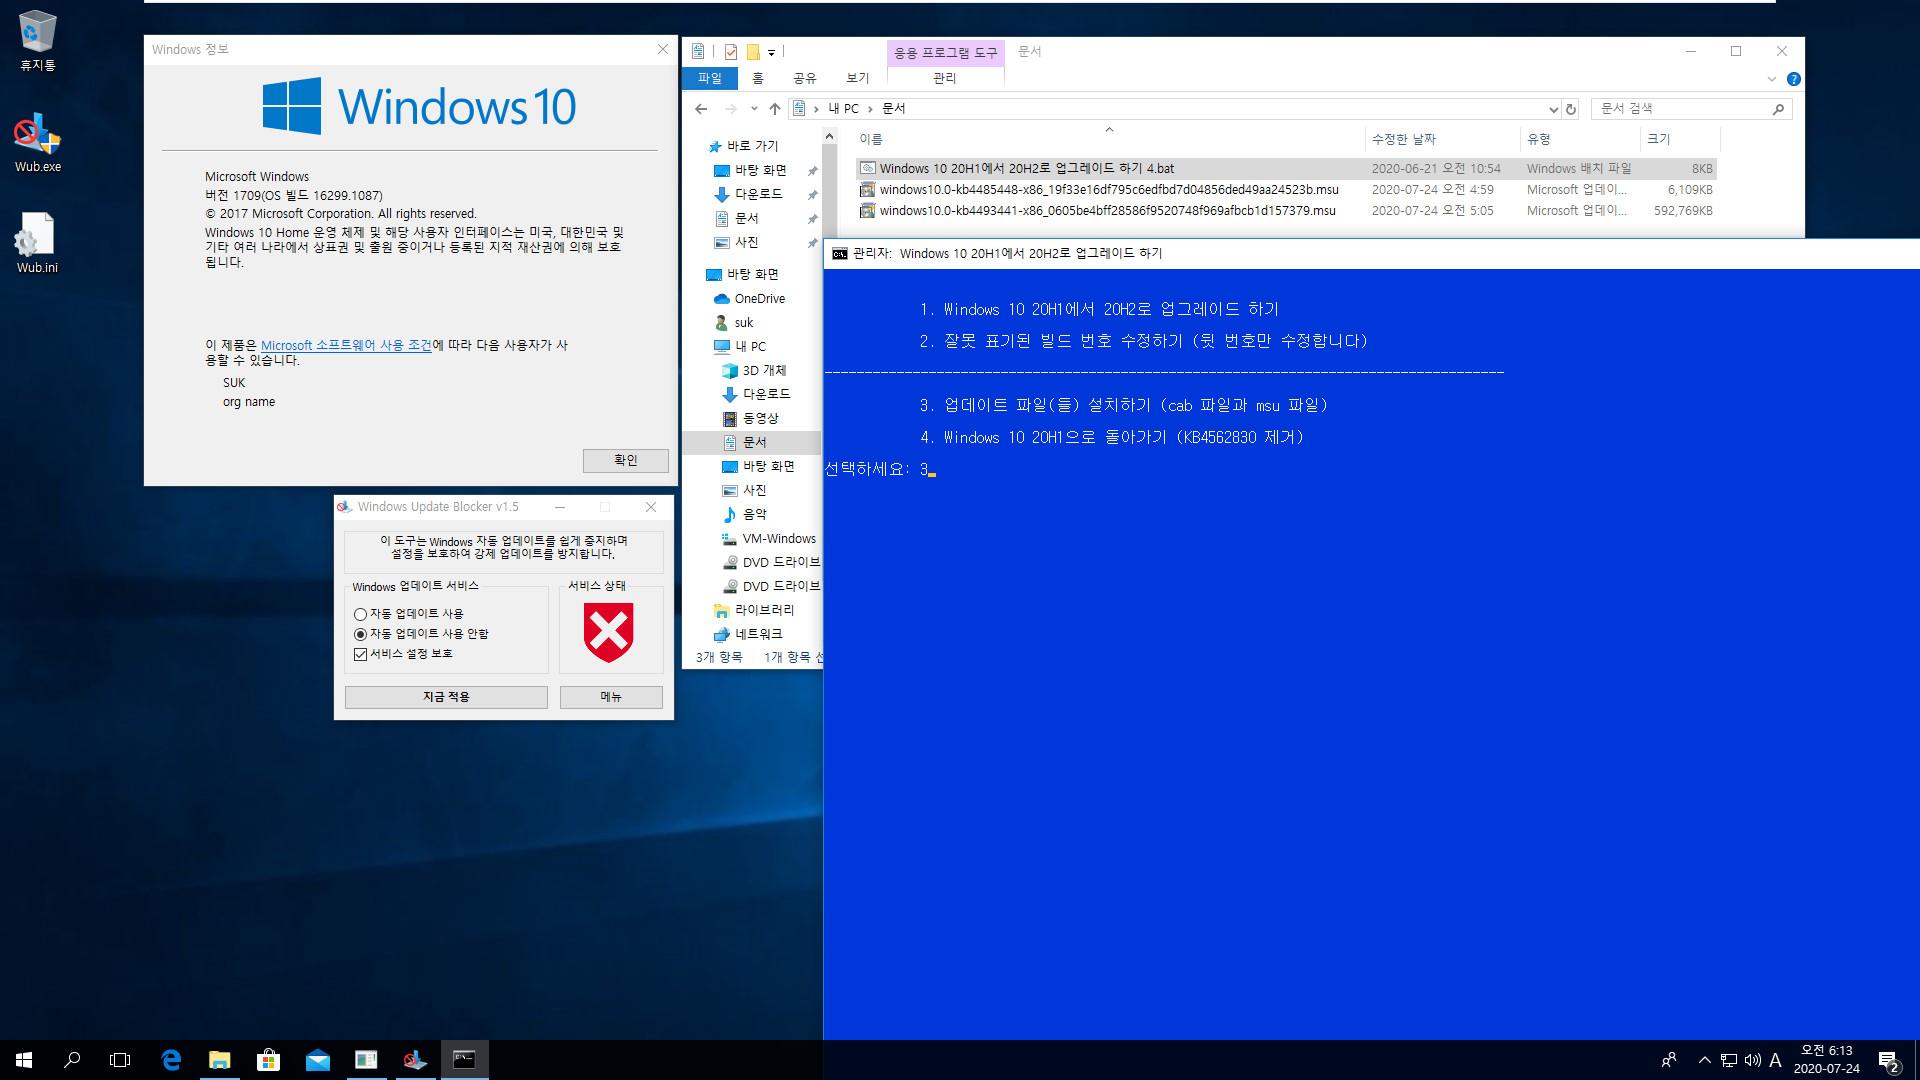 Windows Update Blocker v1.5 업데이트 방지 테스트 - 윈도우는 버전 1709으로 현재 강제 업데이트 중인 버전이고 홈 에디션-업데이트 설치는 cab 파일로 변환하여 설치하면 업데이트 서비스가 꺼져 있어도 설치됩니다 2020-07-24_061347.jpg